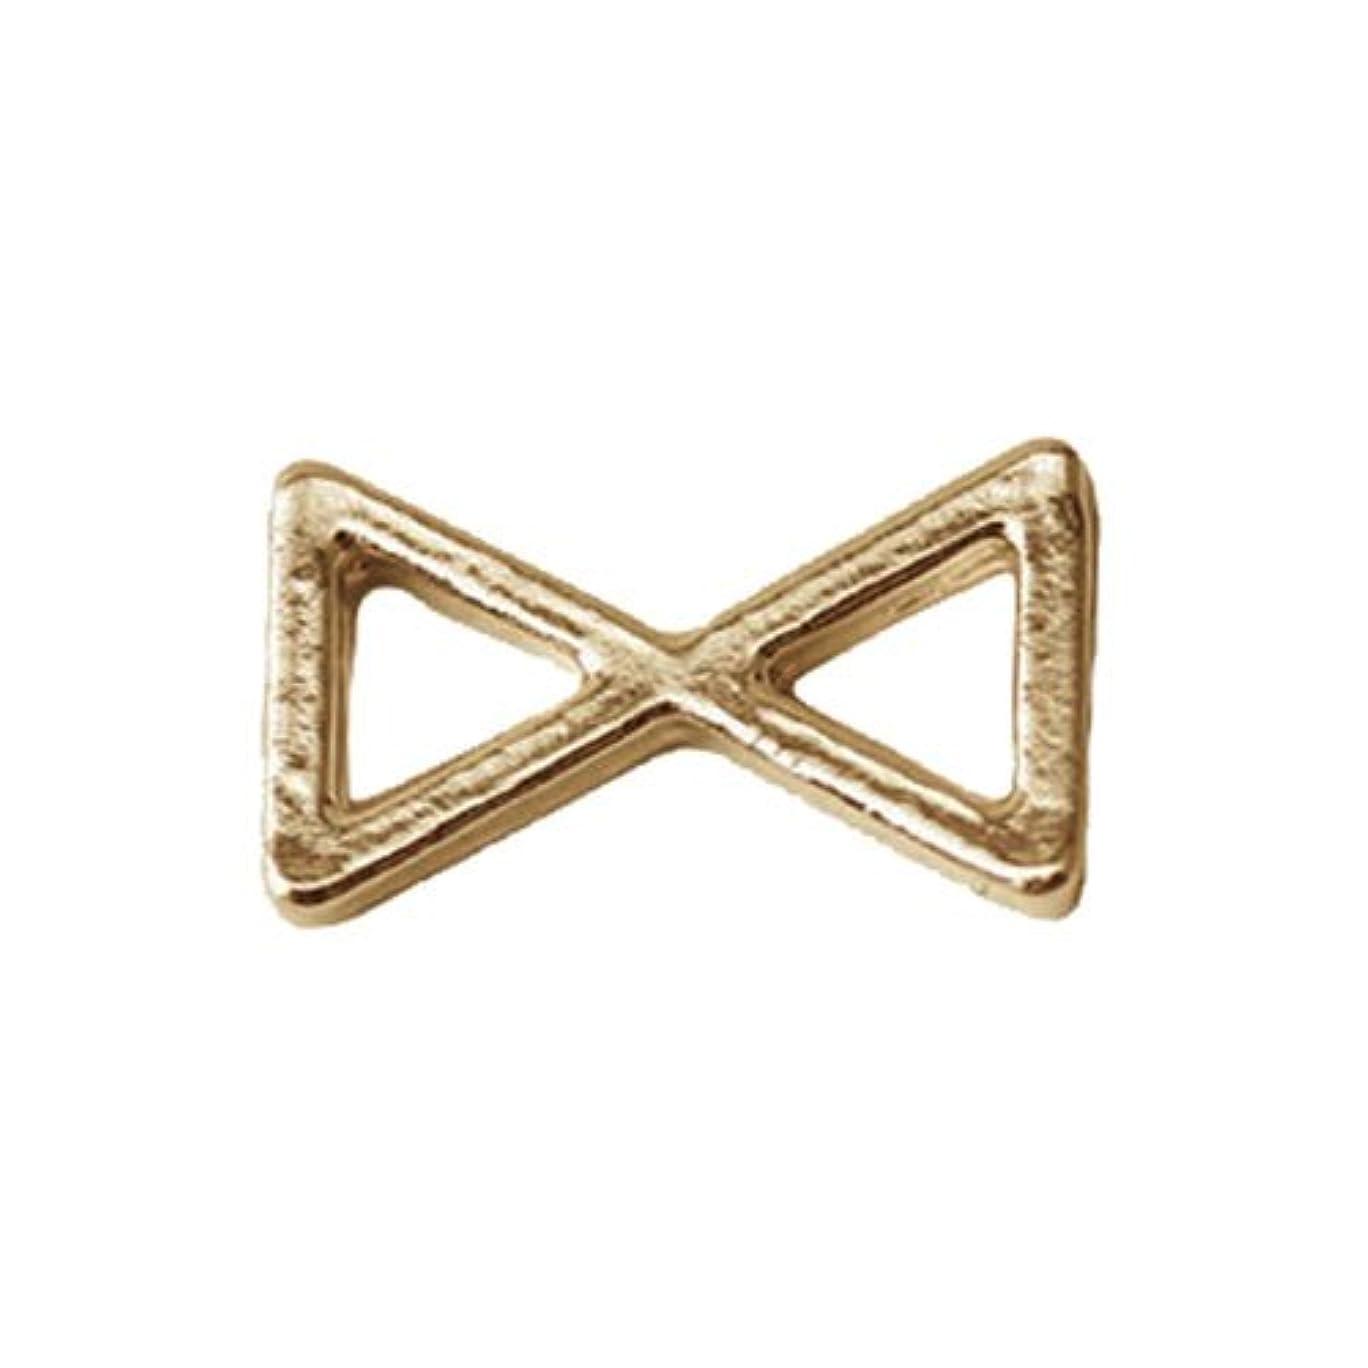 衣服アンペア耐えられるプリティーネイル ネイルアートパーツ プレーンリボンS ゴールド 15個